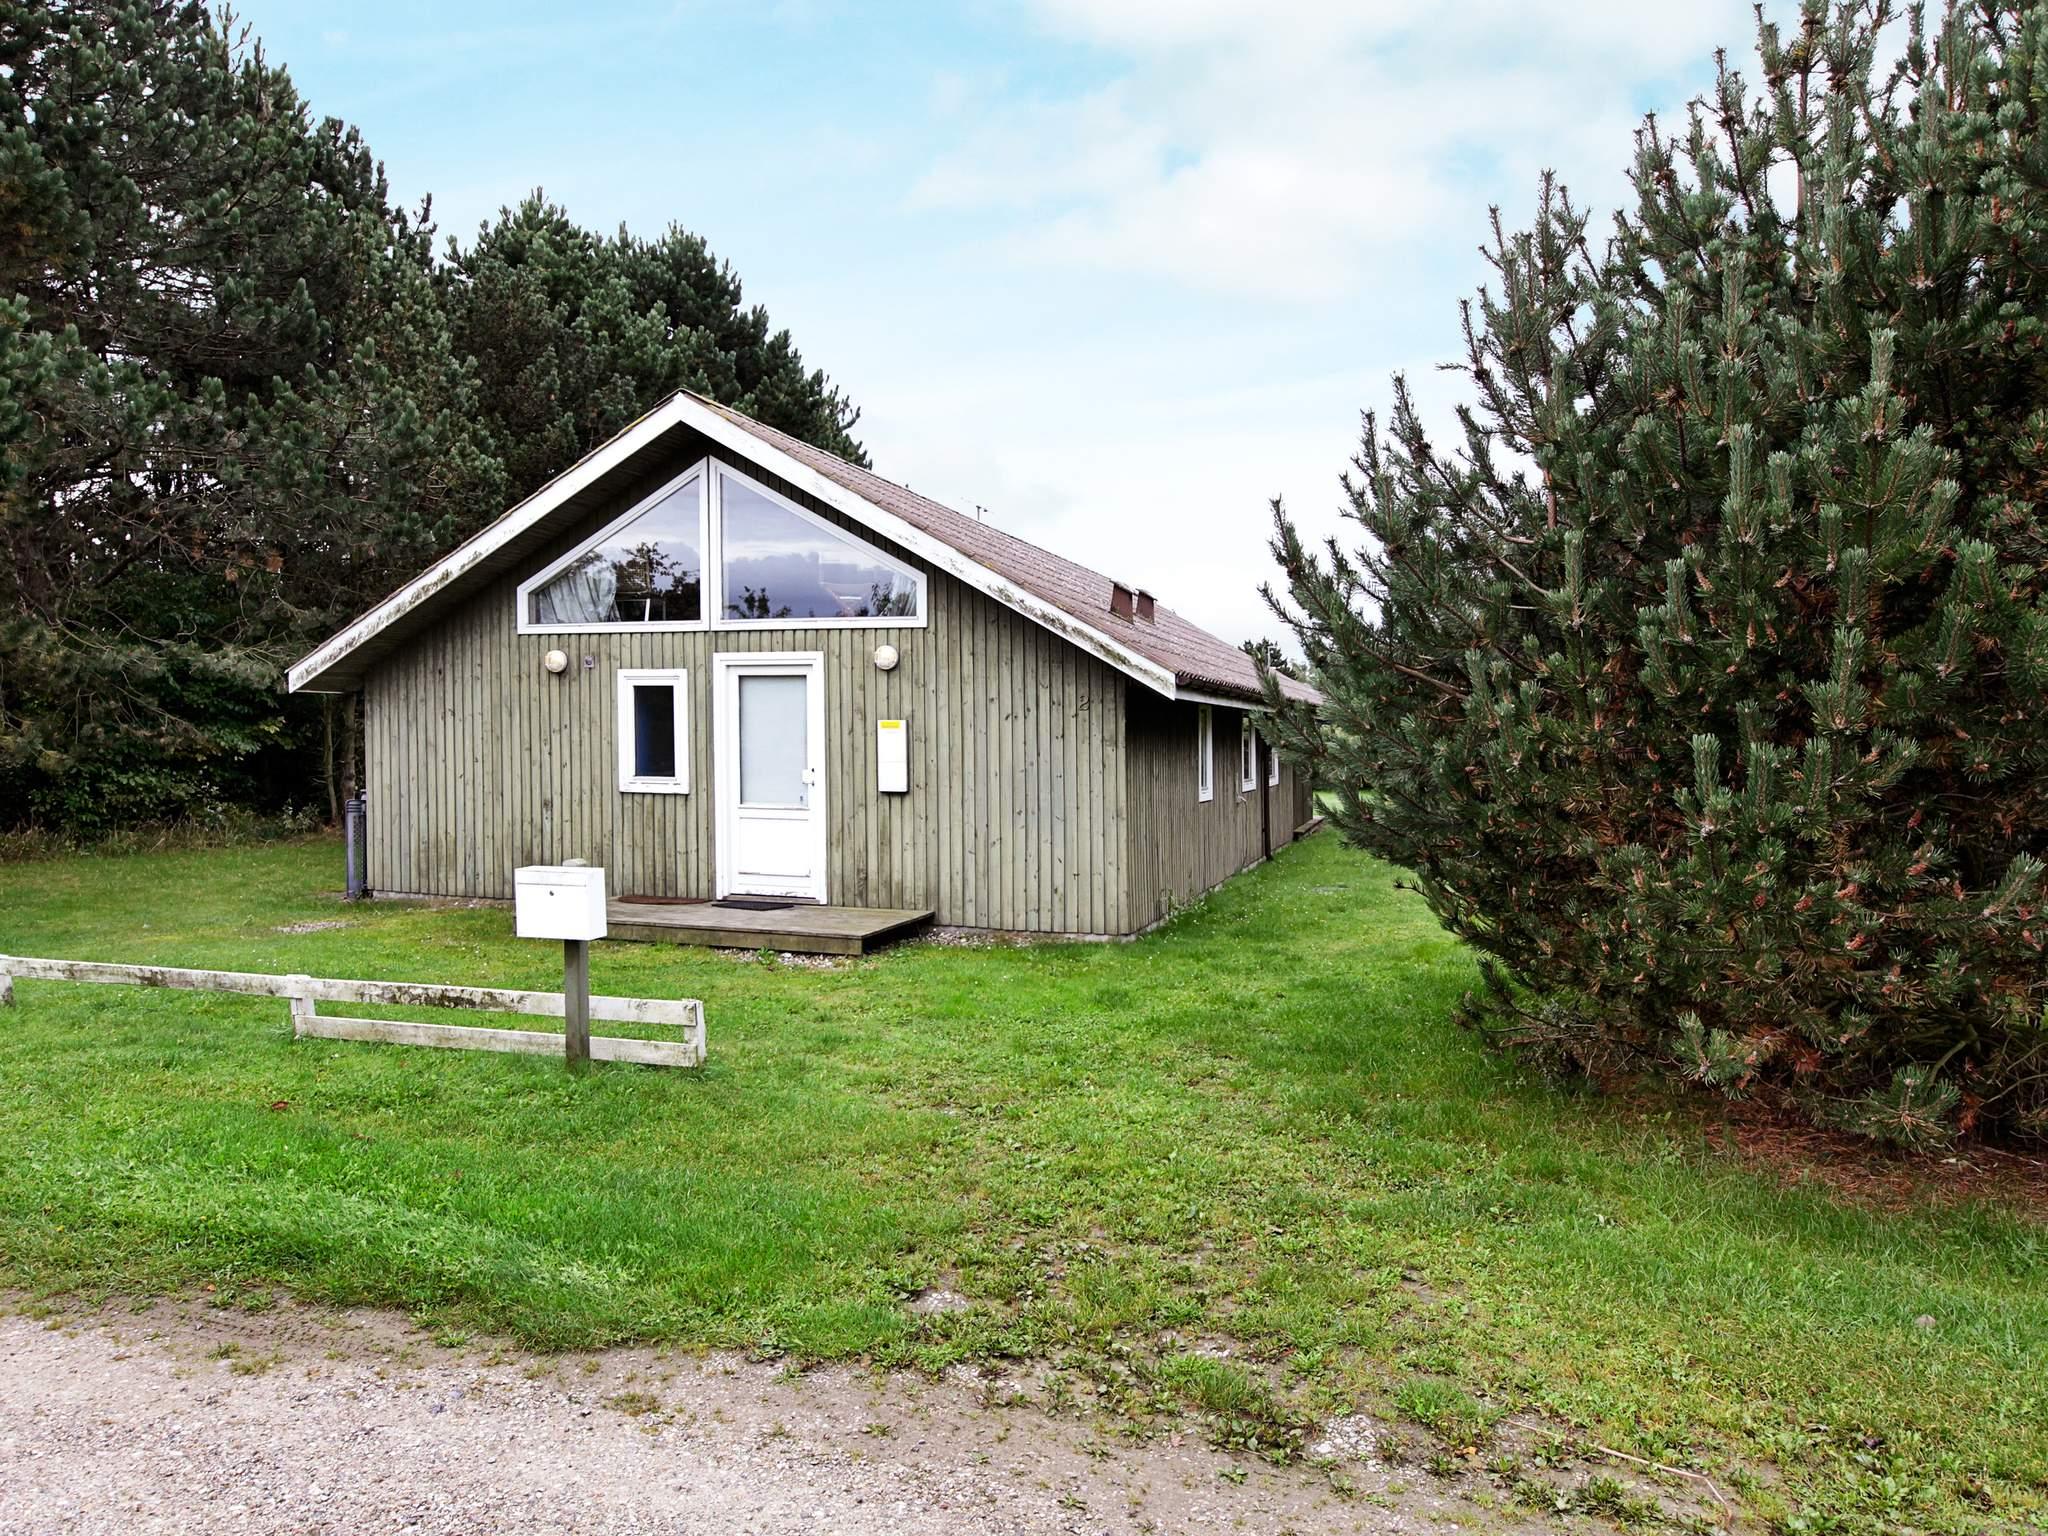 Ferienhaus Hummingen (84295), Hummingen, , Lolland, Dänemark, Bild 26